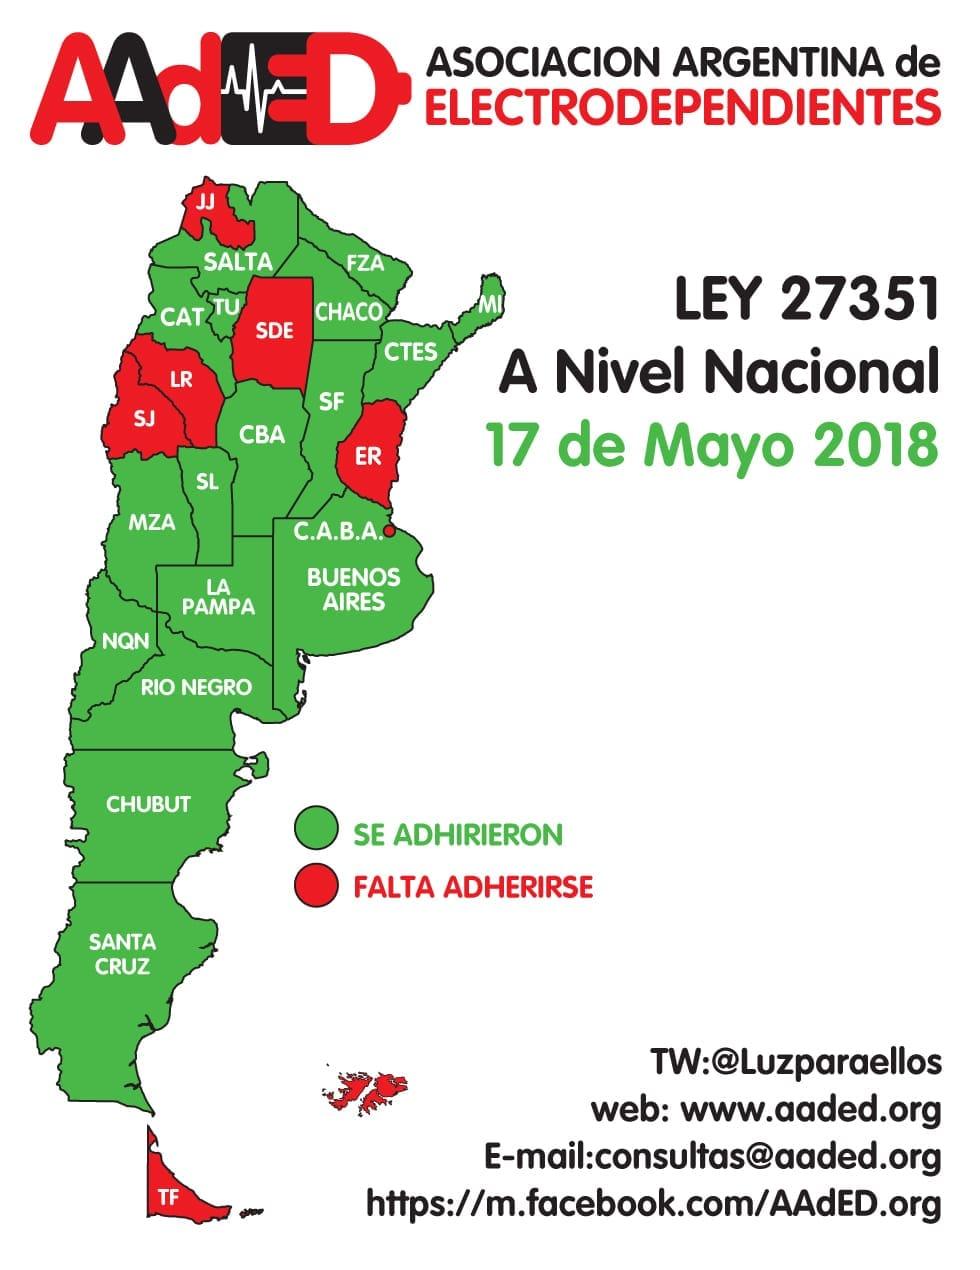 Las 6 provincias sin adherir a la ley nacional